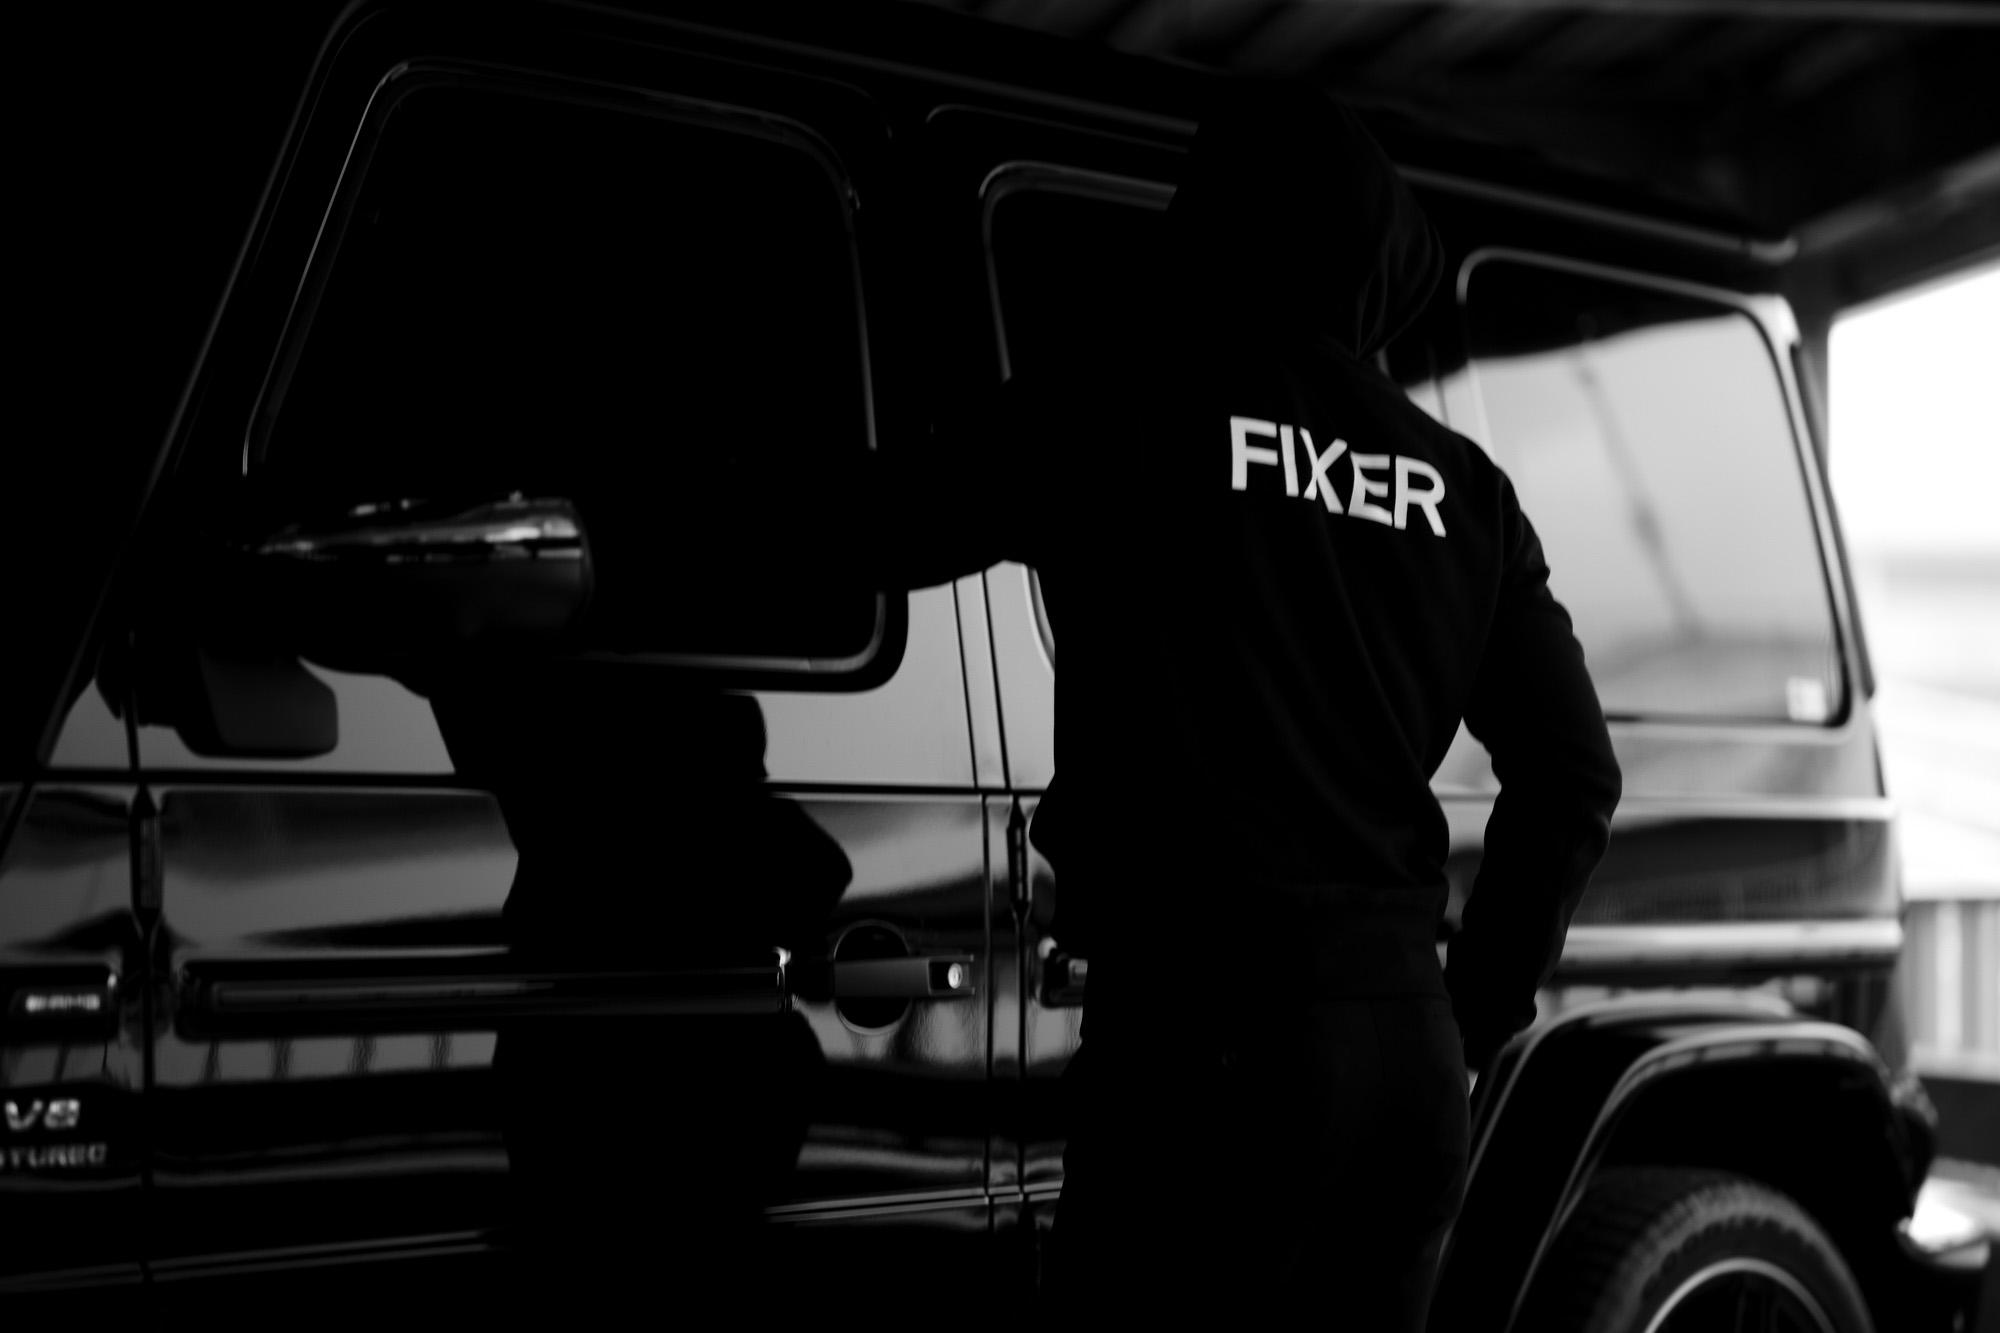 FIXER (フィクサー) FPK-02(エフピーケー02) Sweat Hoodie スウェットフーディー BLACK (ブラック) 2020 愛知 名古屋 altoediritto アルトエデリット パーカー プリントロゴ ロゴプリント 肉厚 裏サーマル